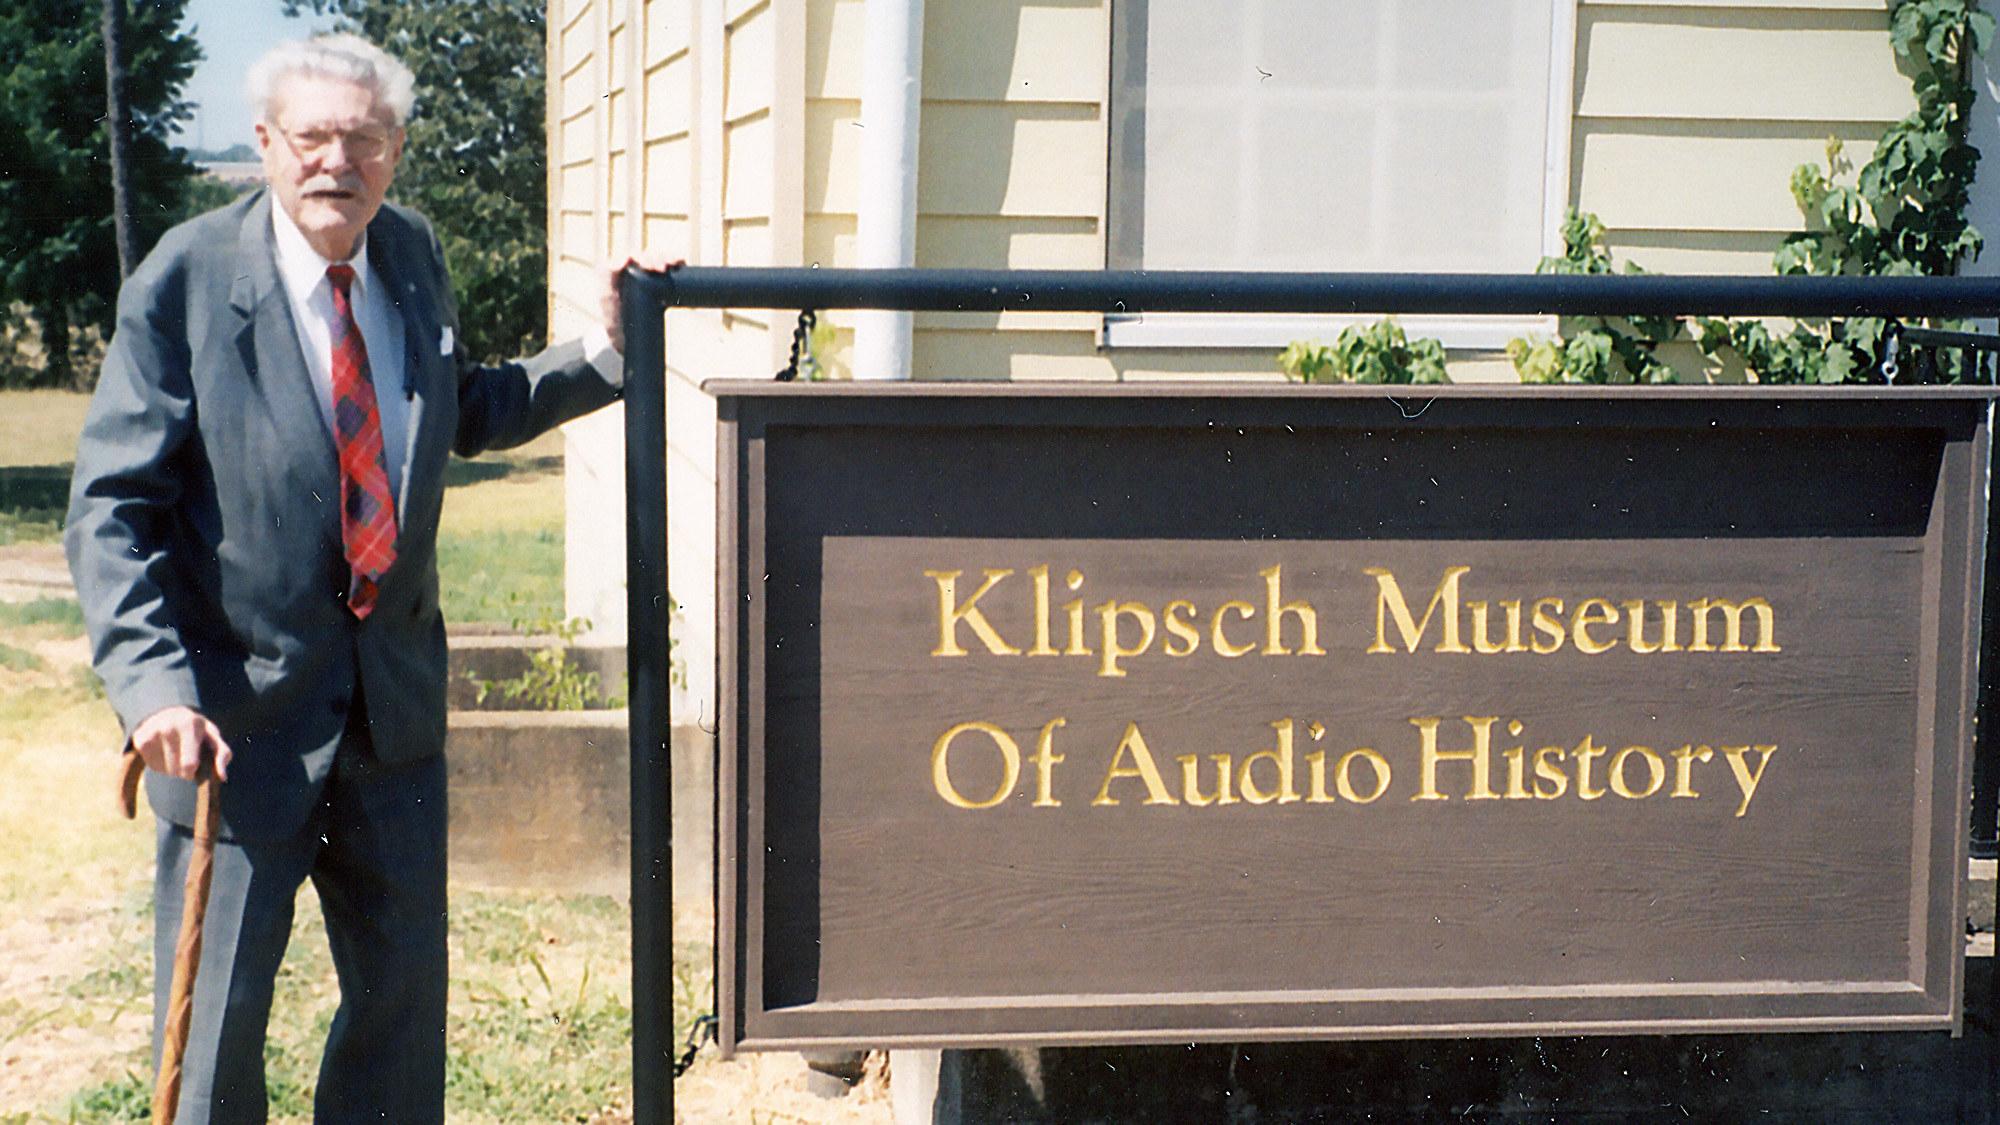 Das Klipsch-Museum der Audiogeschichte